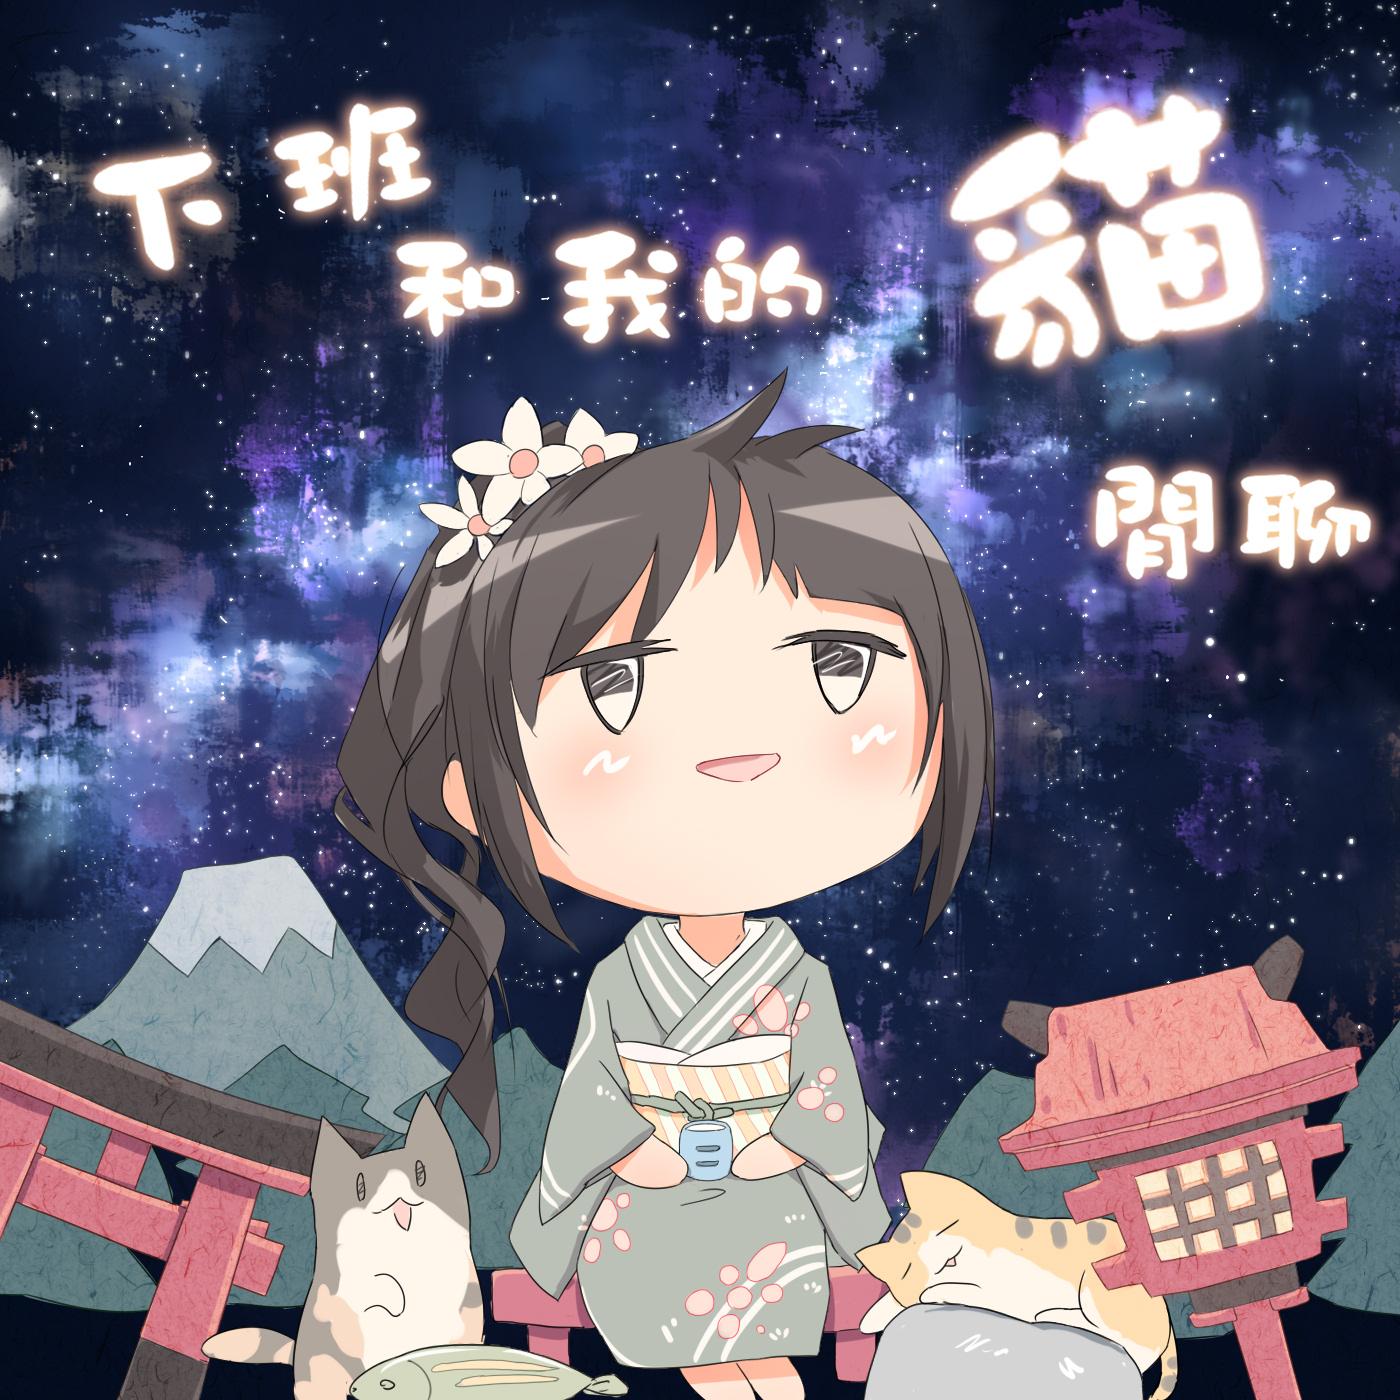 013▶【日文小說分享】不思議古書店_にかいどう青